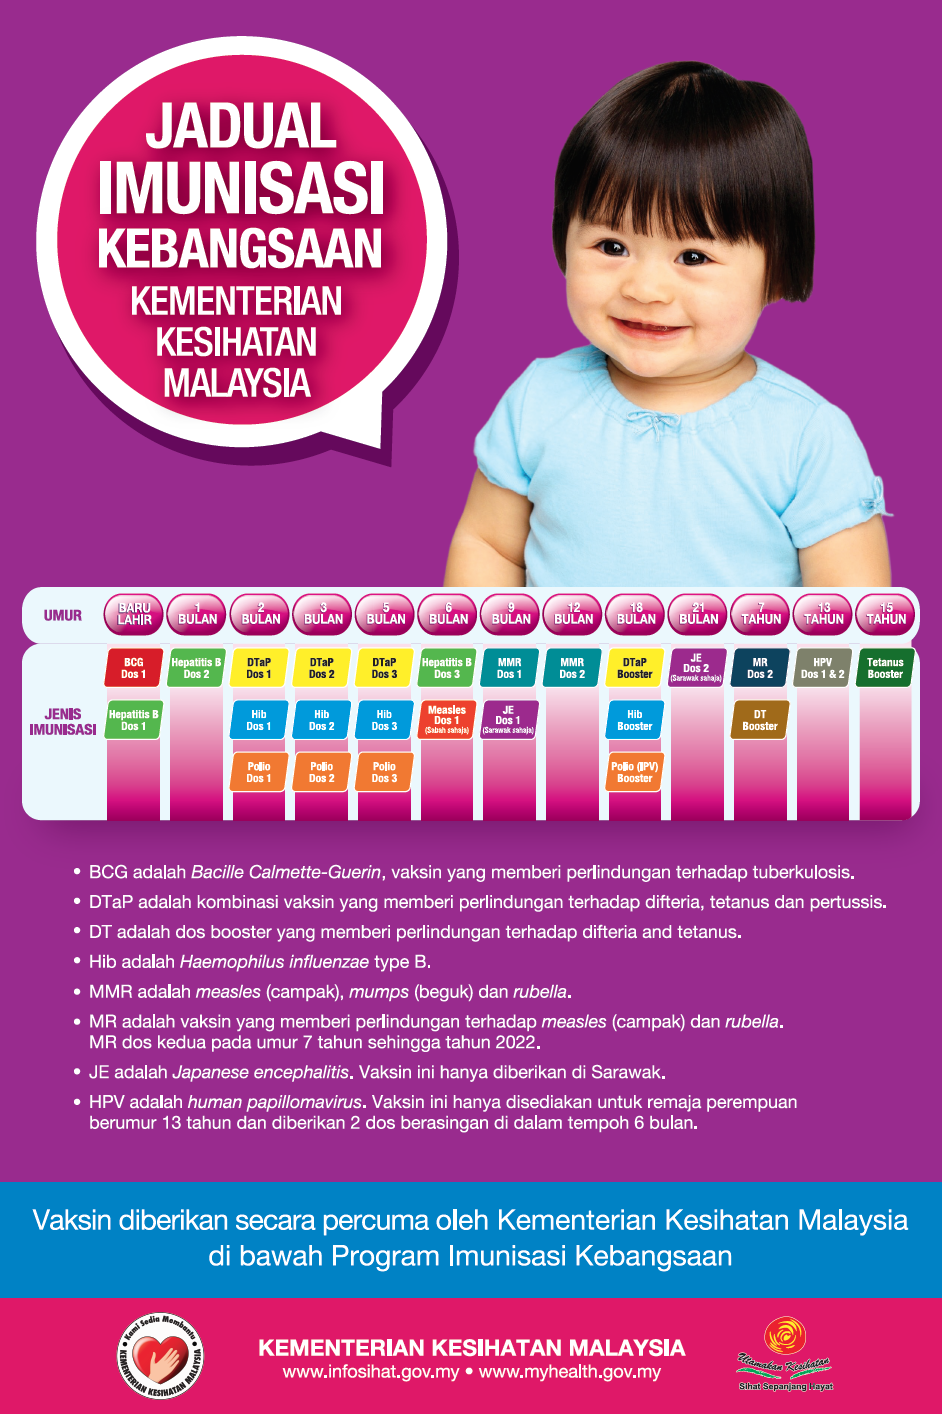 penyakit hpv di malaysia